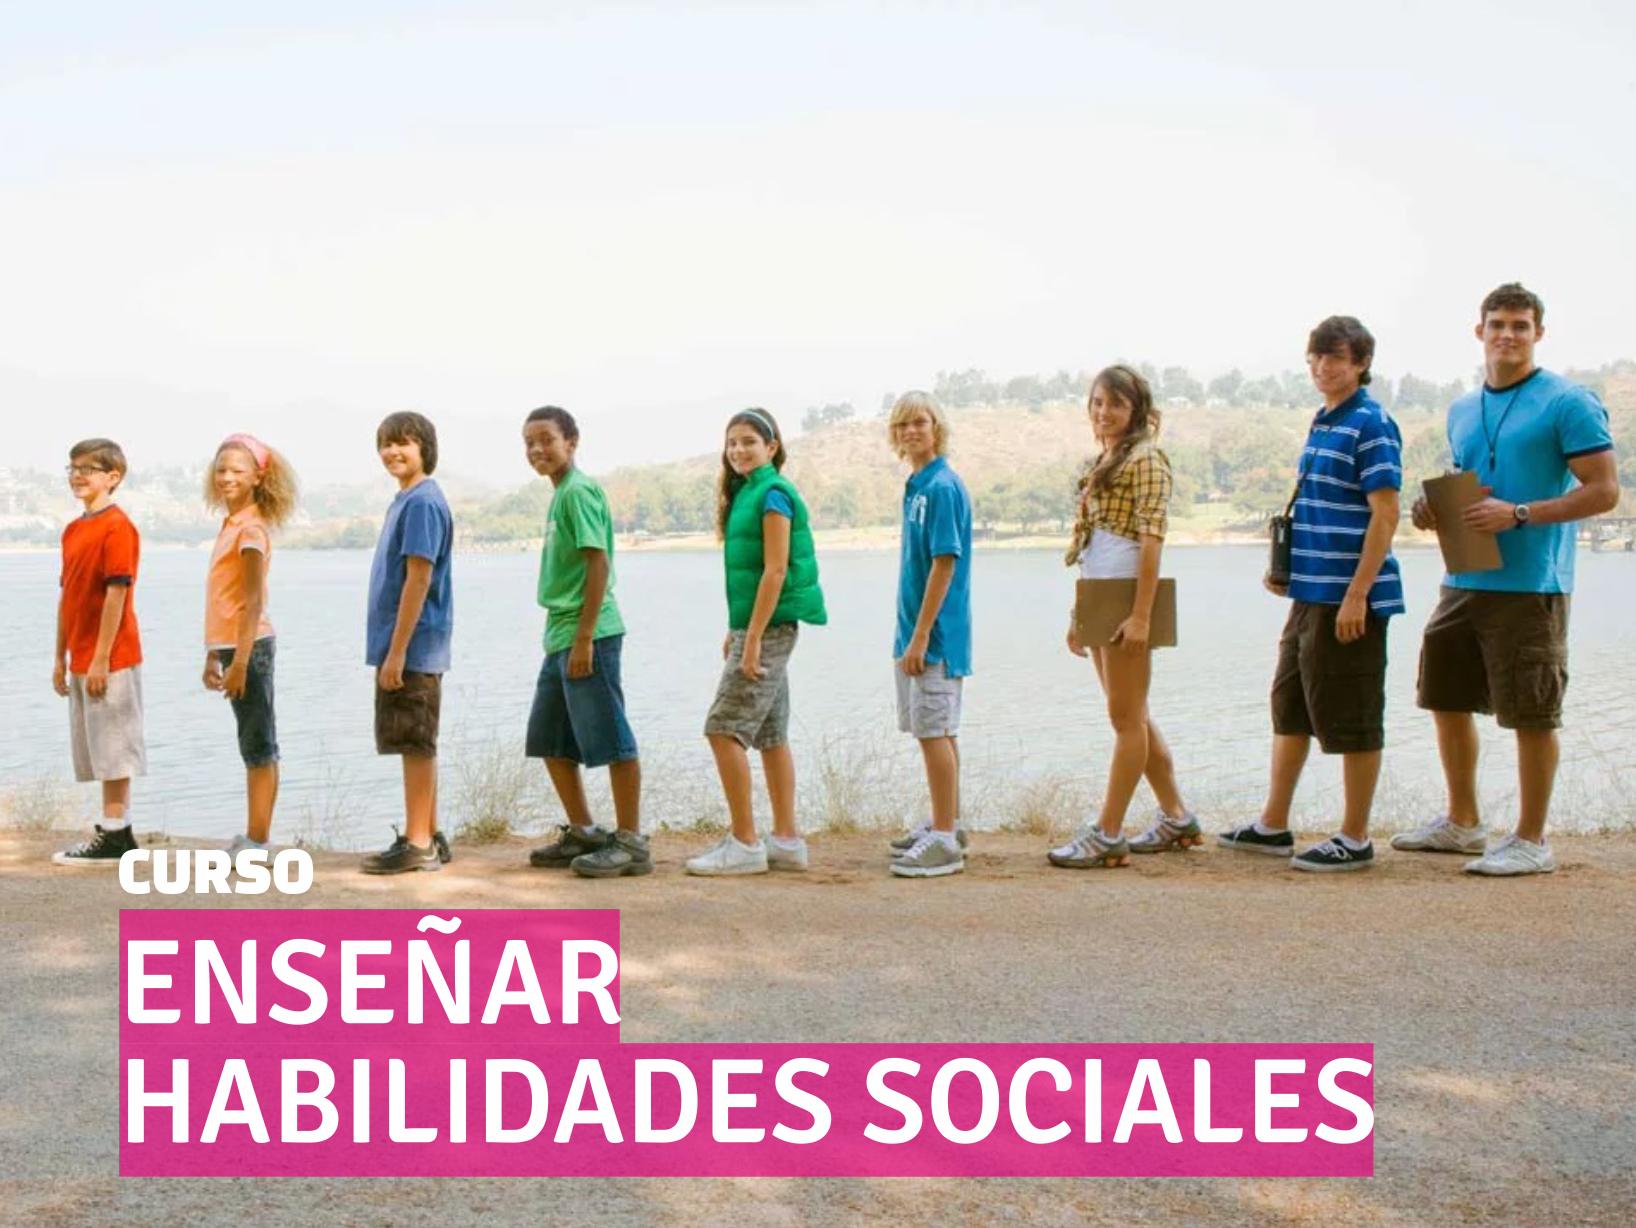 Curso HABILIDADES SOCIALES